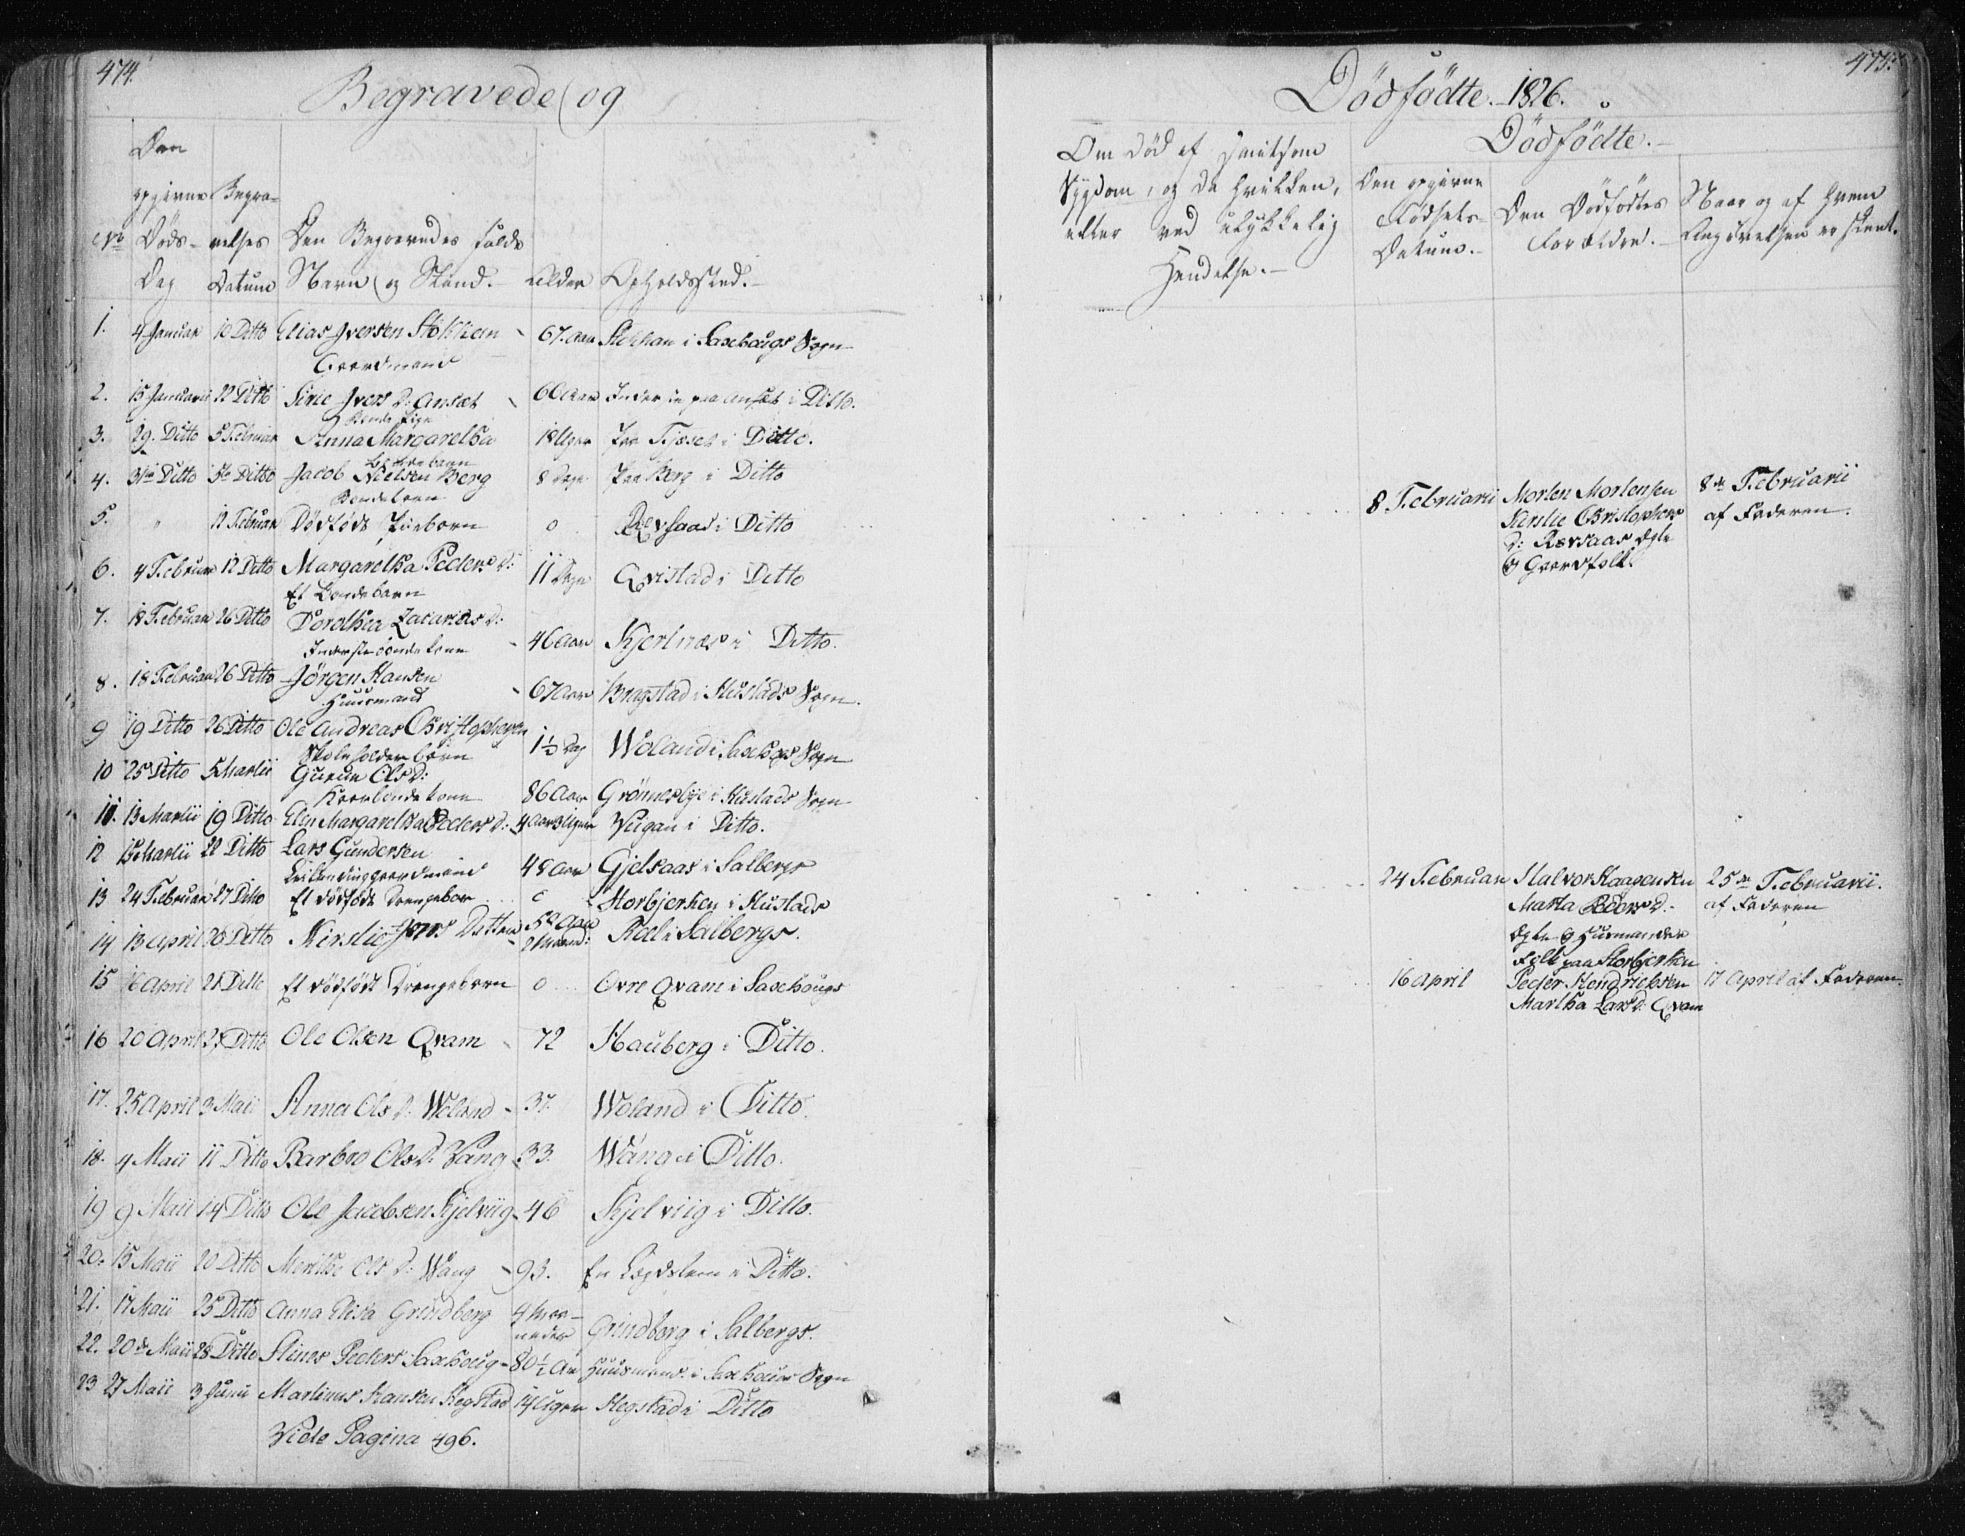 SAT, Ministerialprotokoller, klokkerbøker og fødselsregistre - Nord-Trøndelag, 730/L0276: Ministerialbok nr. 730A05, 1822-1830, s. 474-475